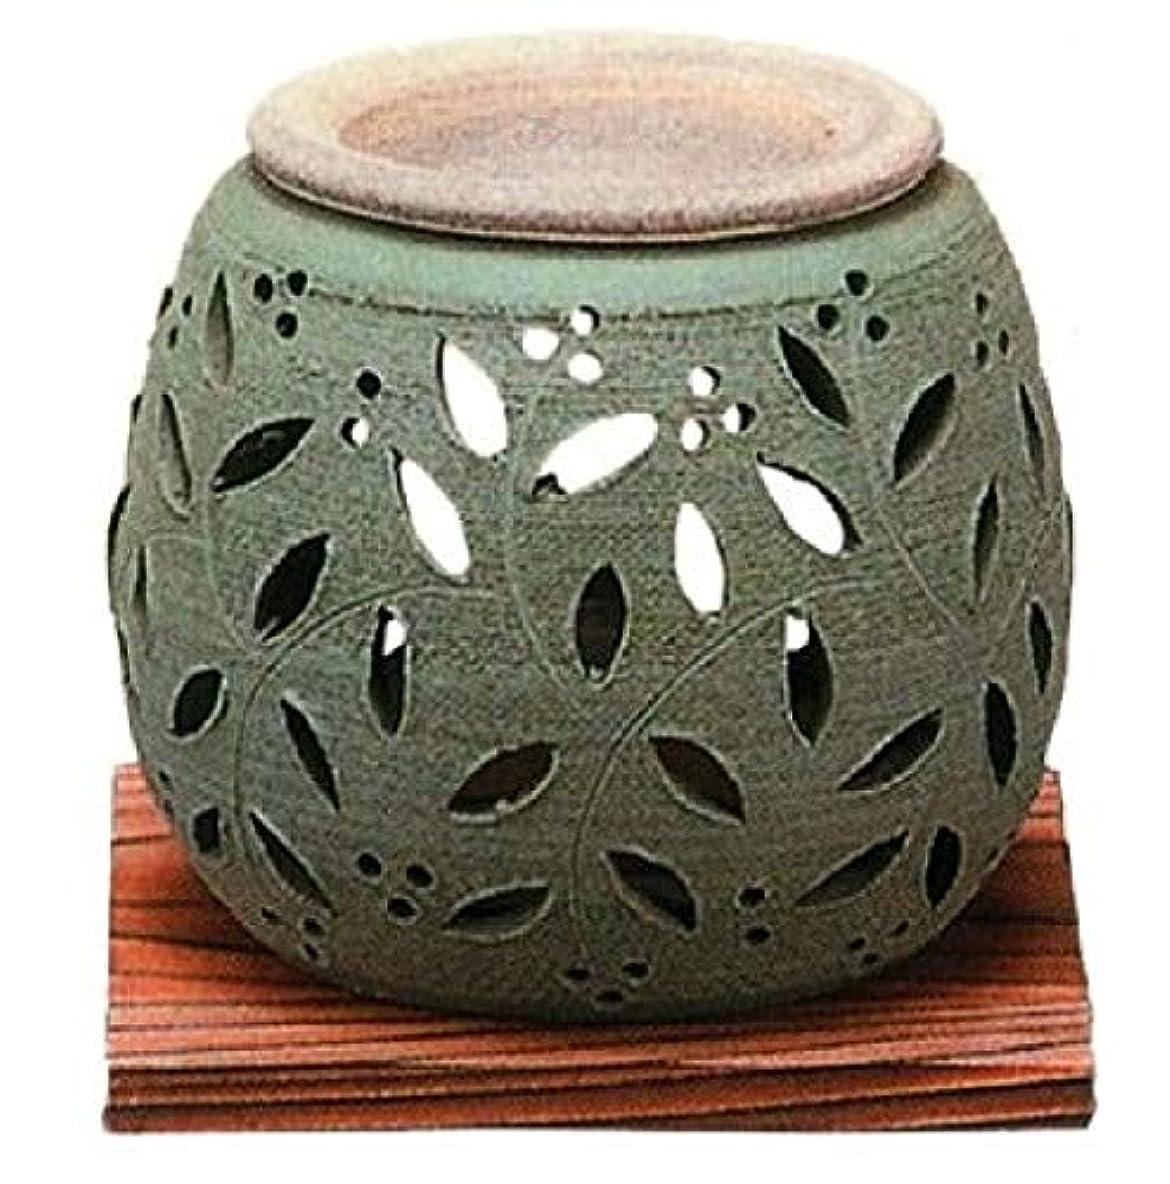 ひらめきメアリアンジョーンズどのくらいの頻度で常滑焼?石龍窯 カ38-06 茶香炉 ダテ花 焼杉板付 径10×10cm